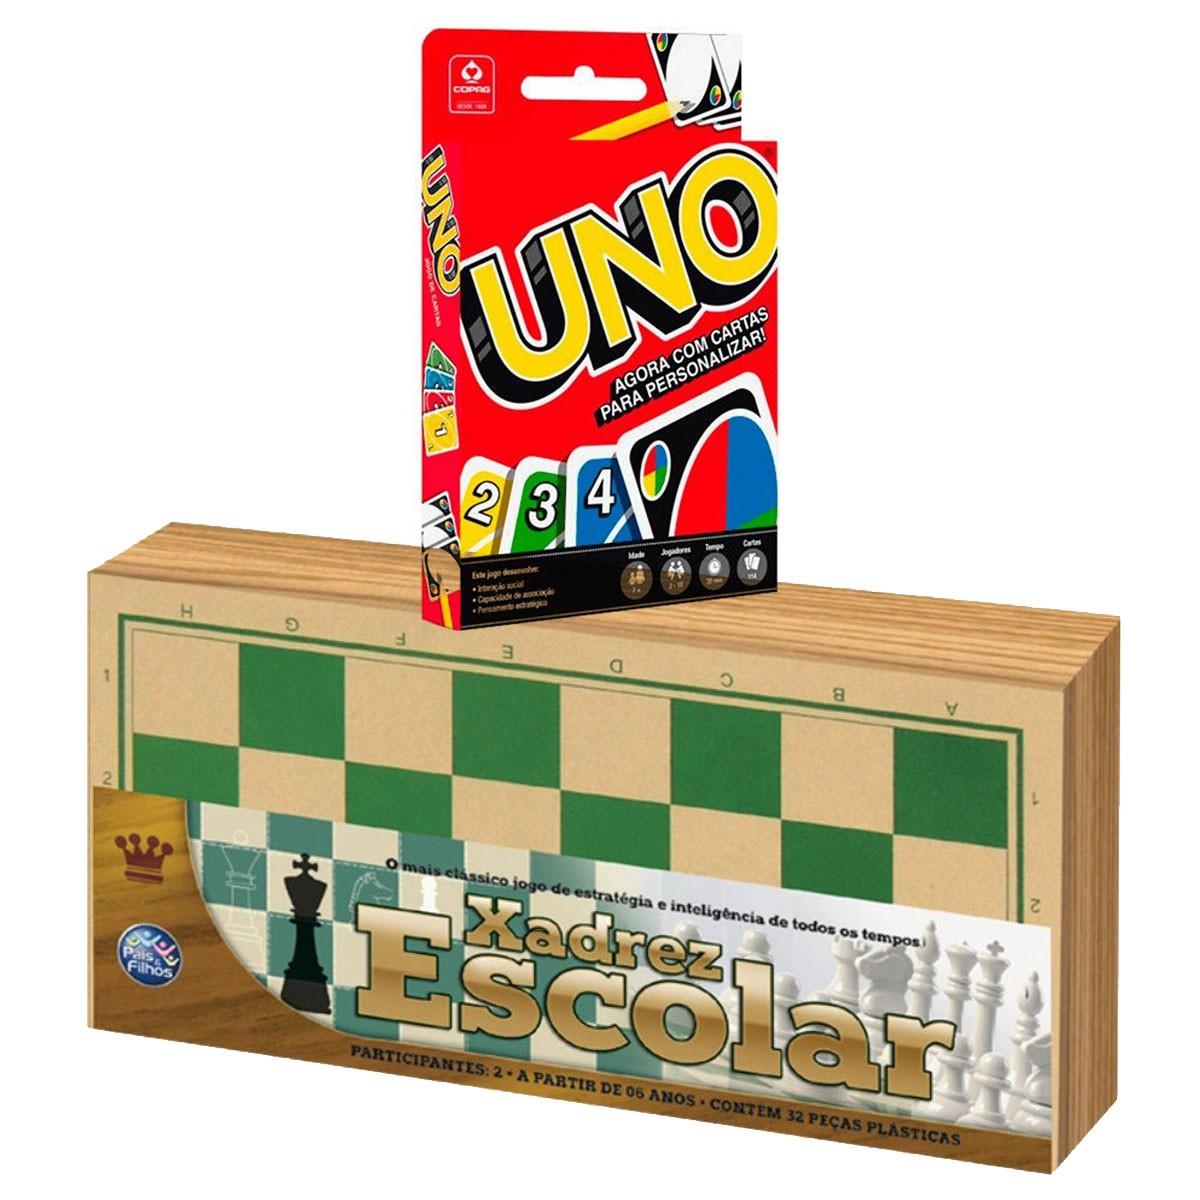 Kit Xadrez Escolar e Jogo Uno